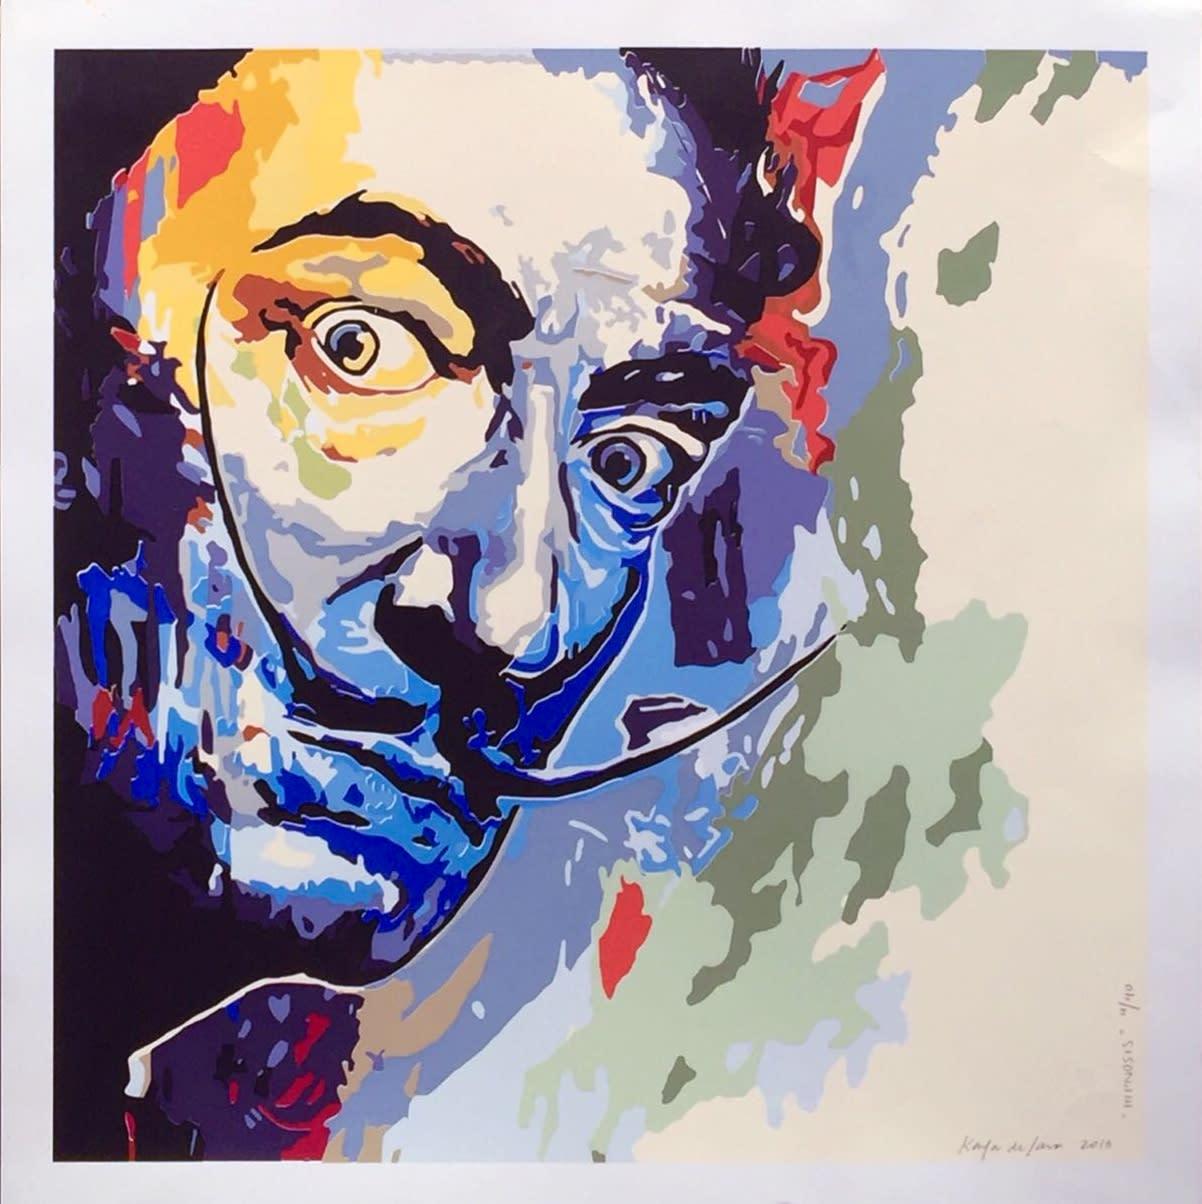 Hipnosis salvador dali seriegraph painting karla de lara wet paint nyc w1hhmr